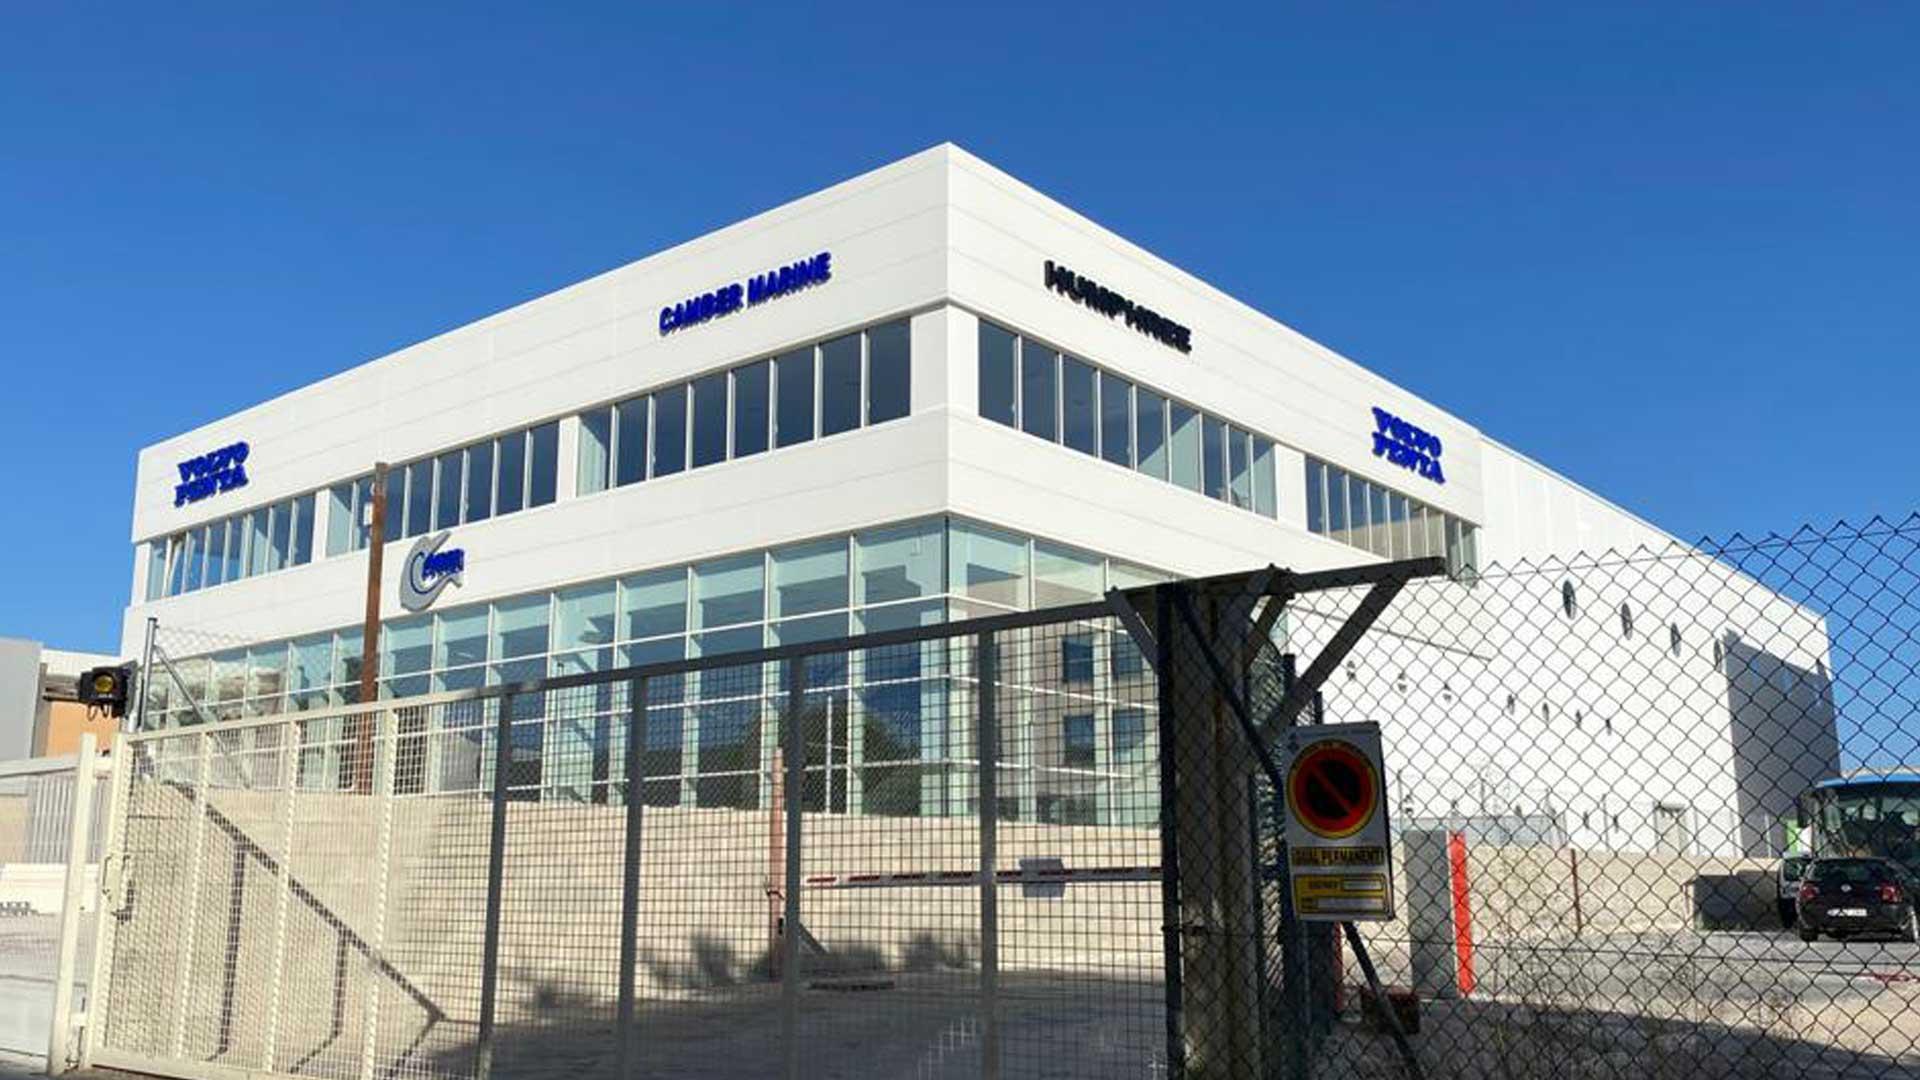 Nave industrial de Camber Marine en Palma de Mallorca